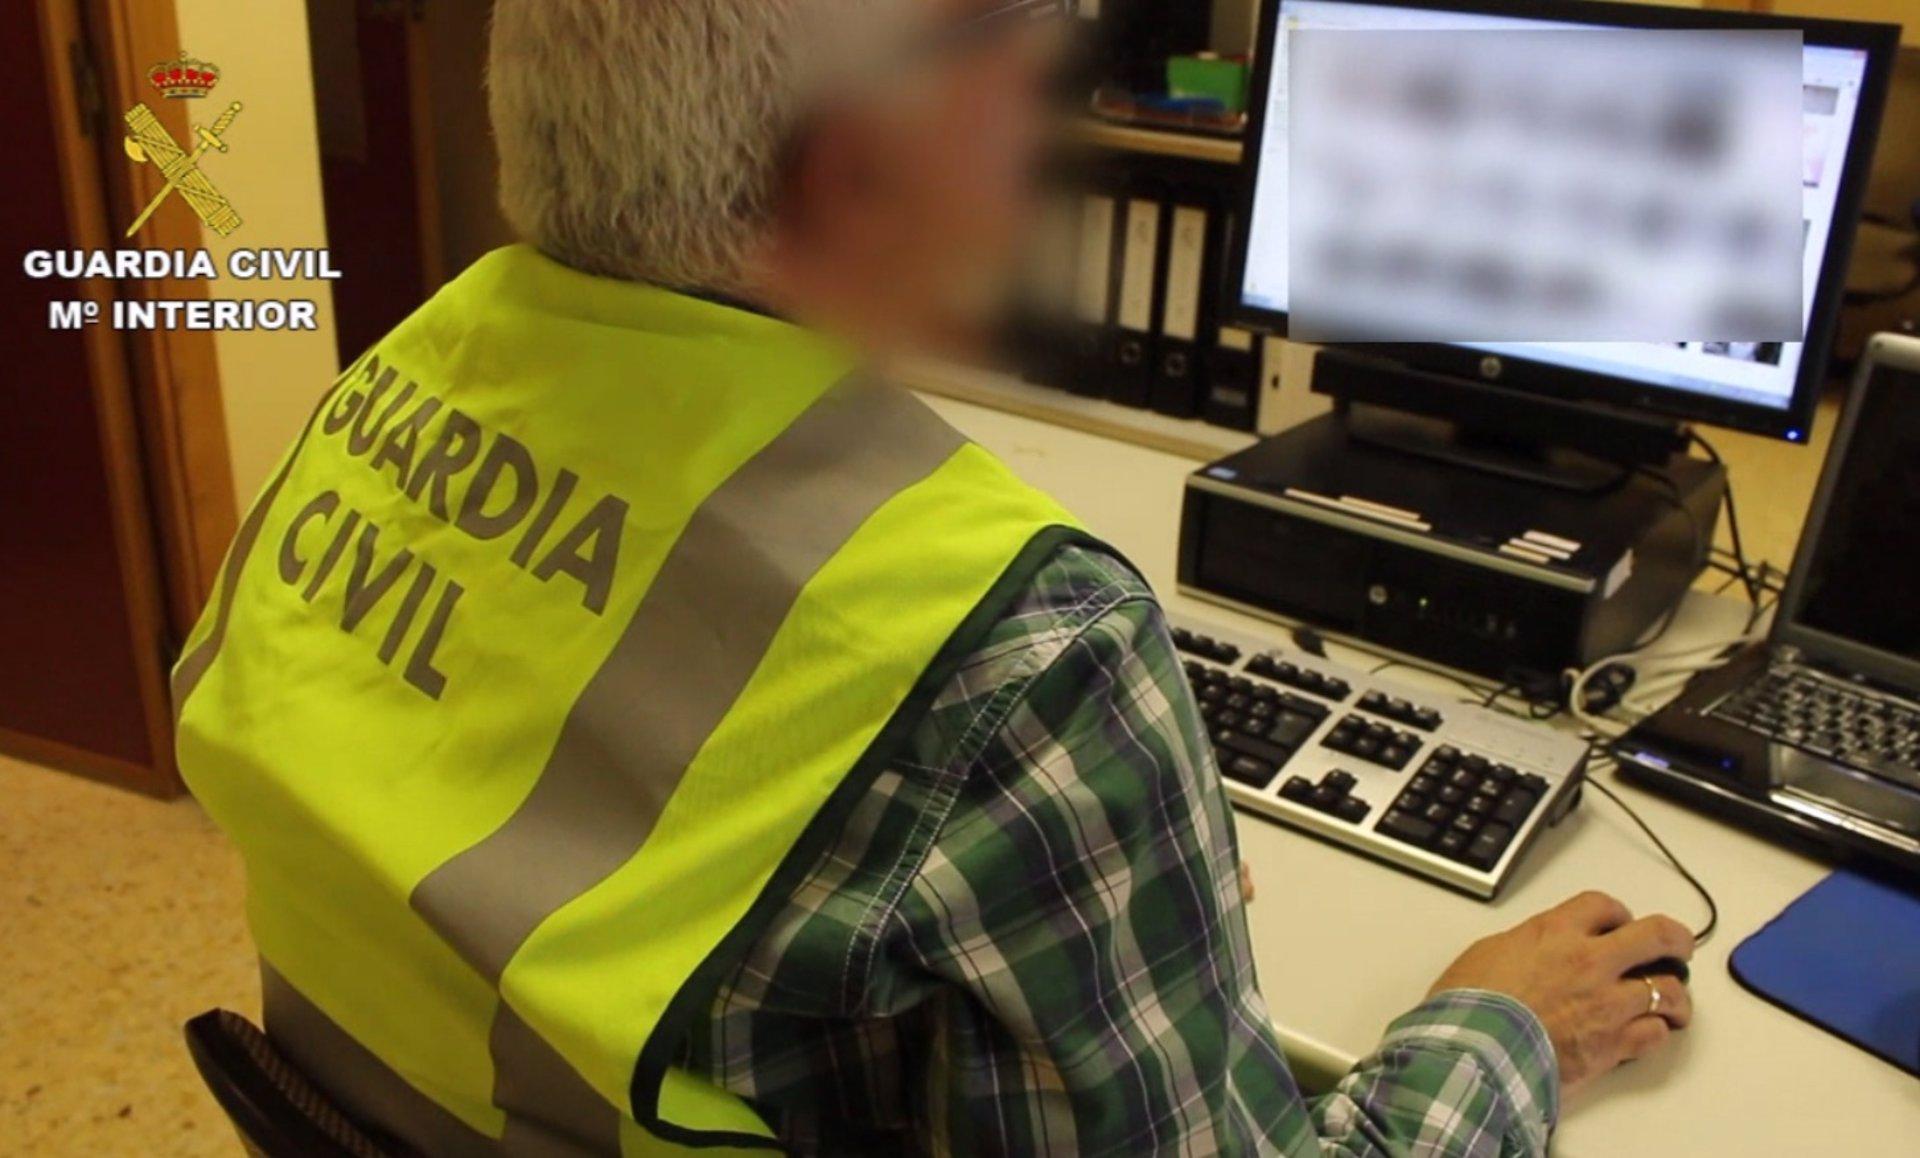 Andalucía contabiliza 39.157 ciberdelitos durante 2020 como tercera comunidad con más infracciones penales en la materia